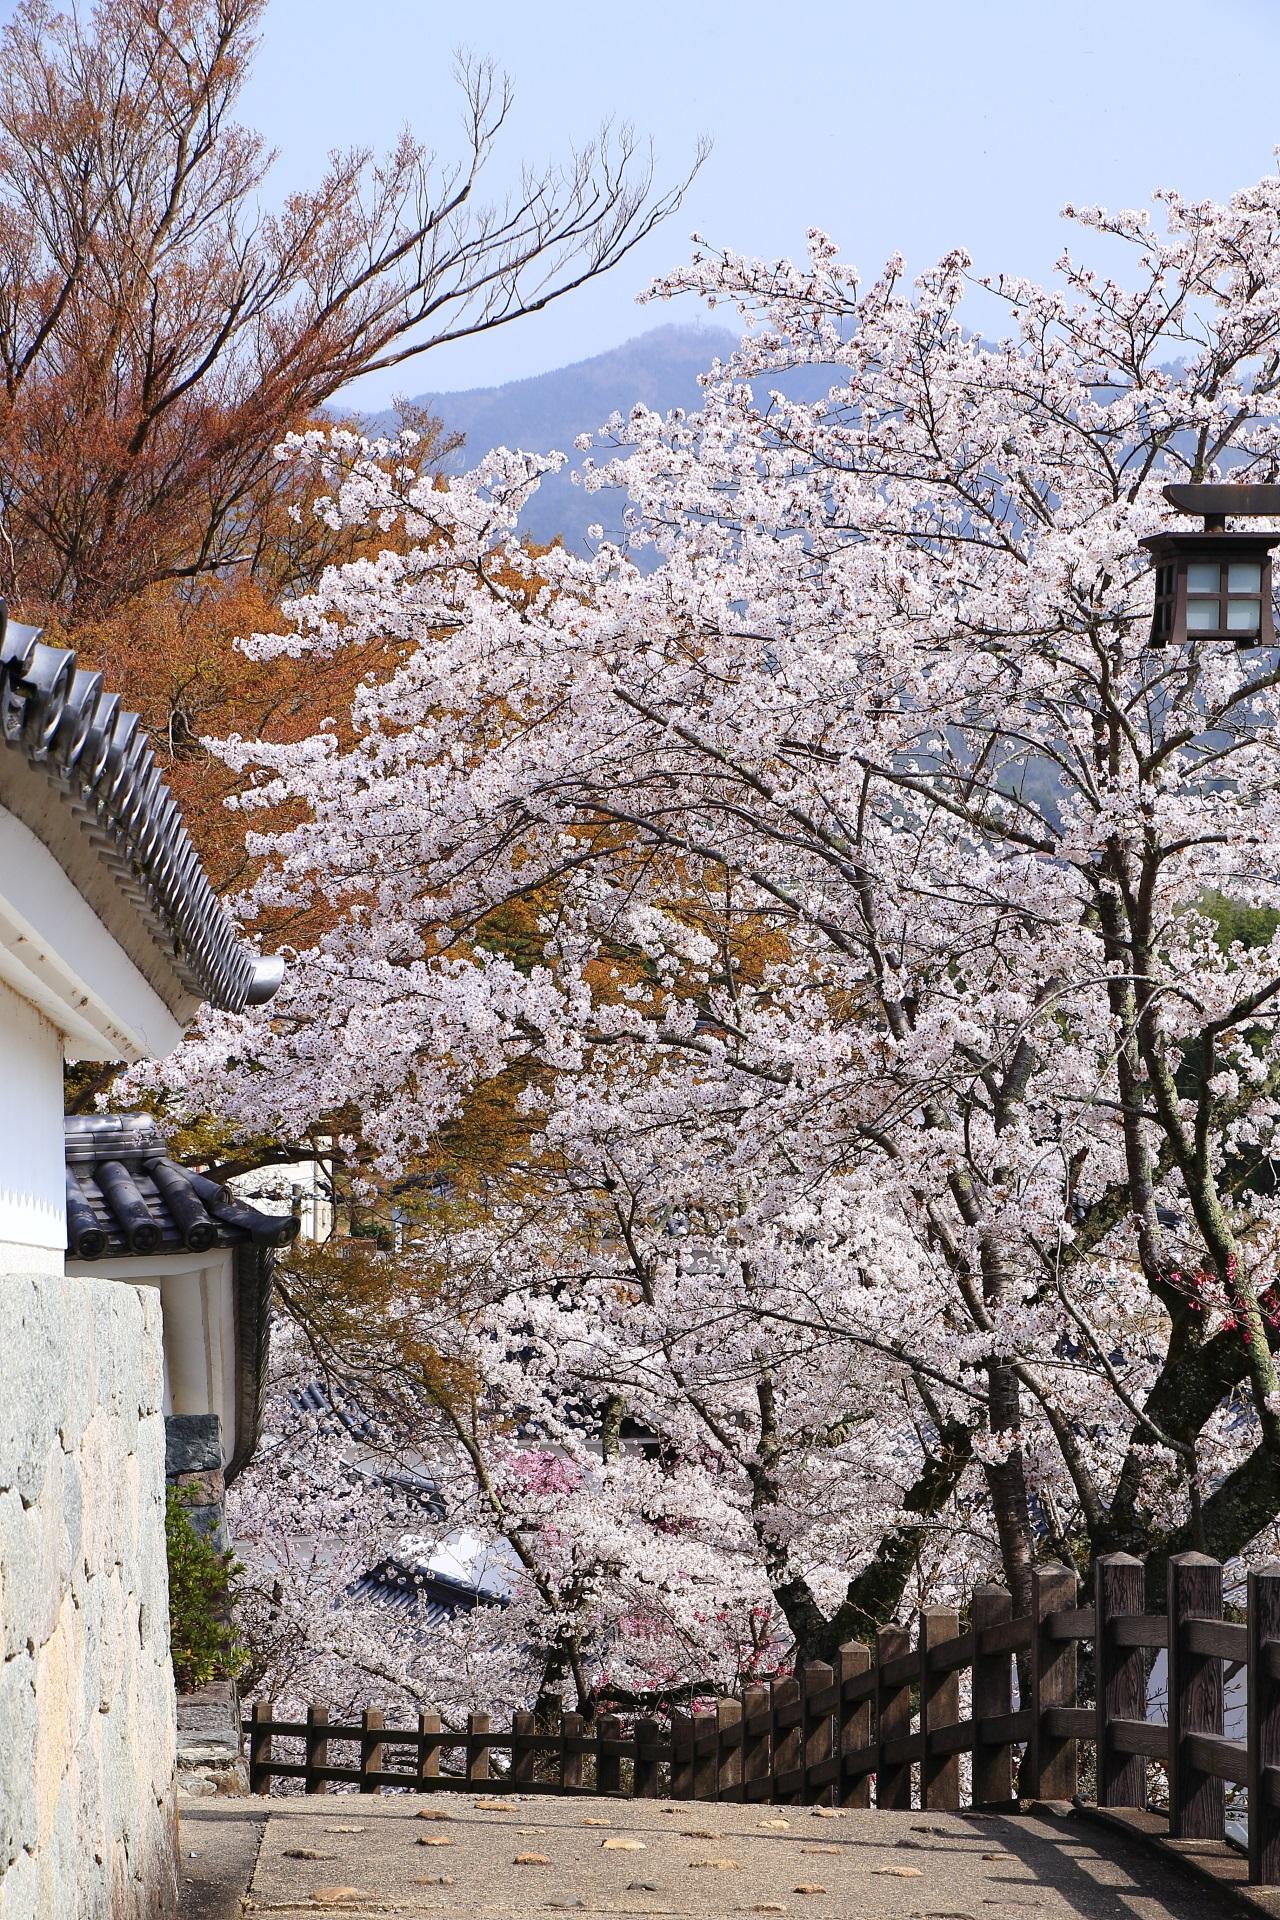 福知山城の素晴らしい桜の情景や春の彩り